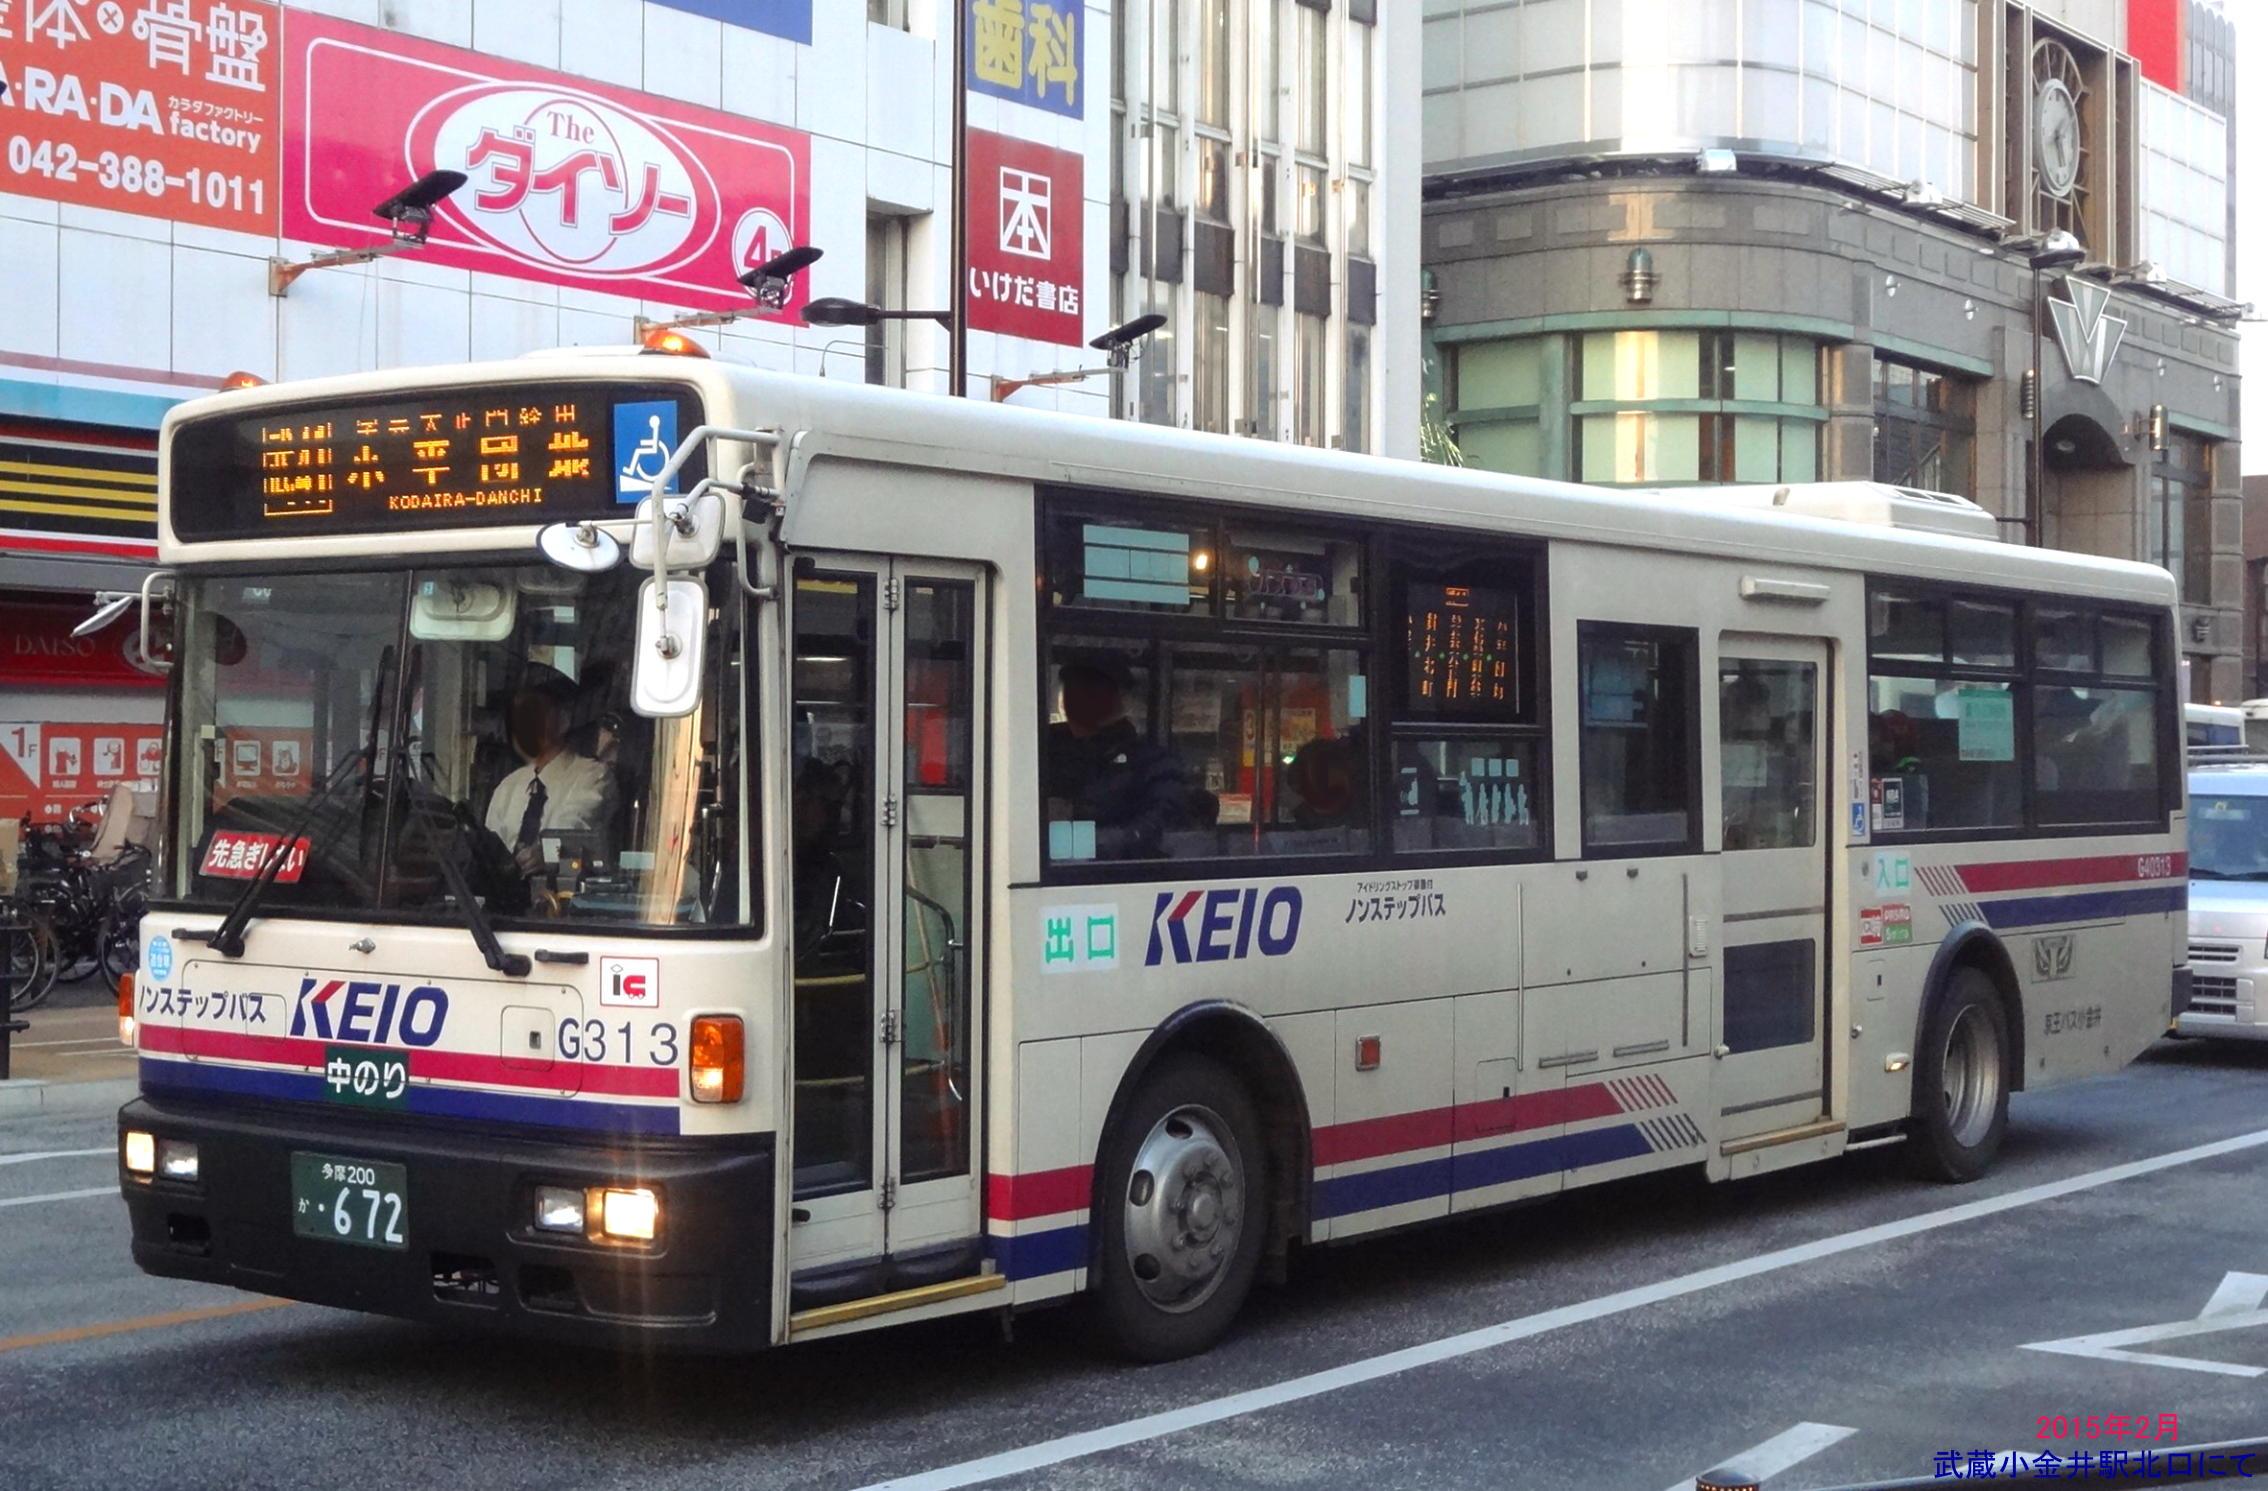 「武蔵小金井駅」の路線バス ... - bus.ekitan.com